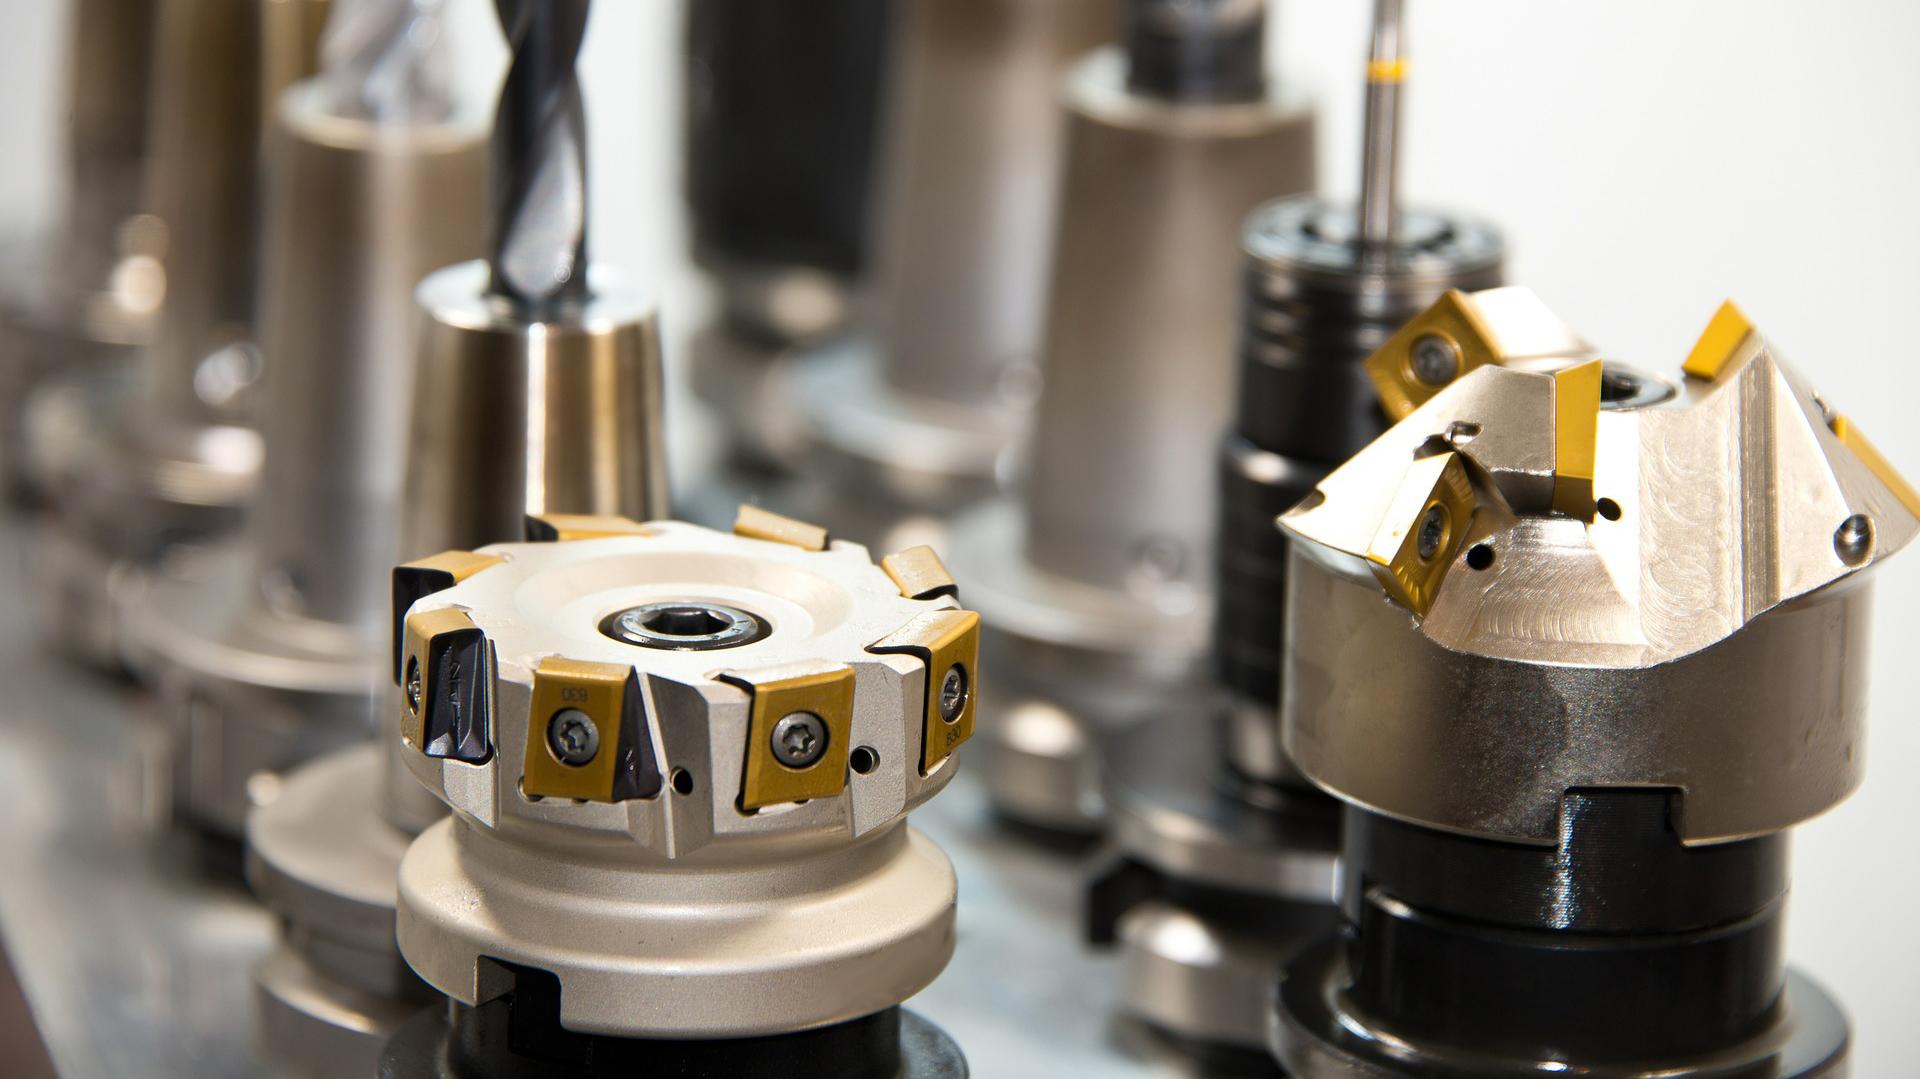 Lavorazione oggetti e componenti in leghe metalliche Officina Meccanica Cirlini